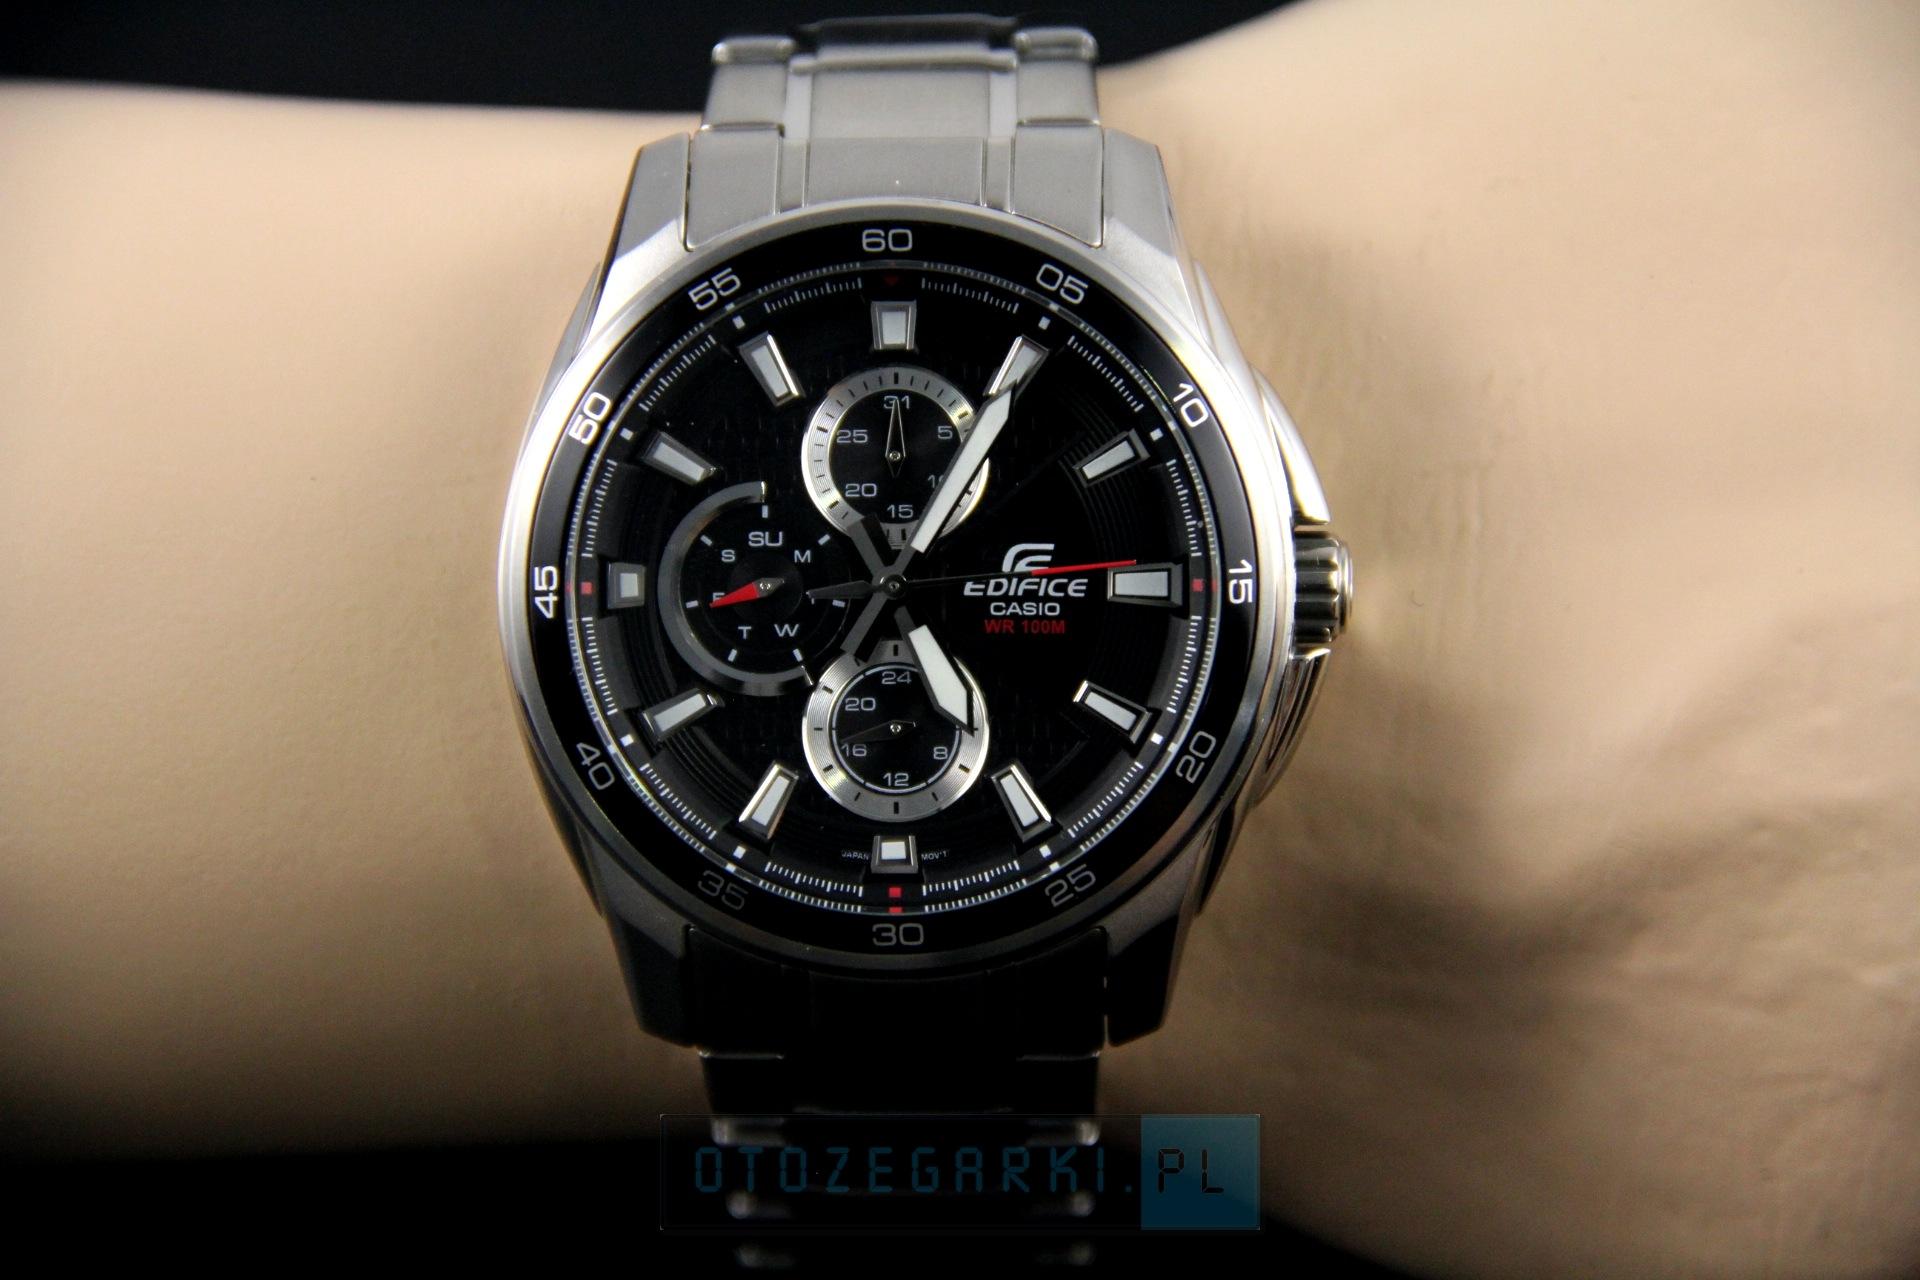 zegarek casio ef-334d-1av